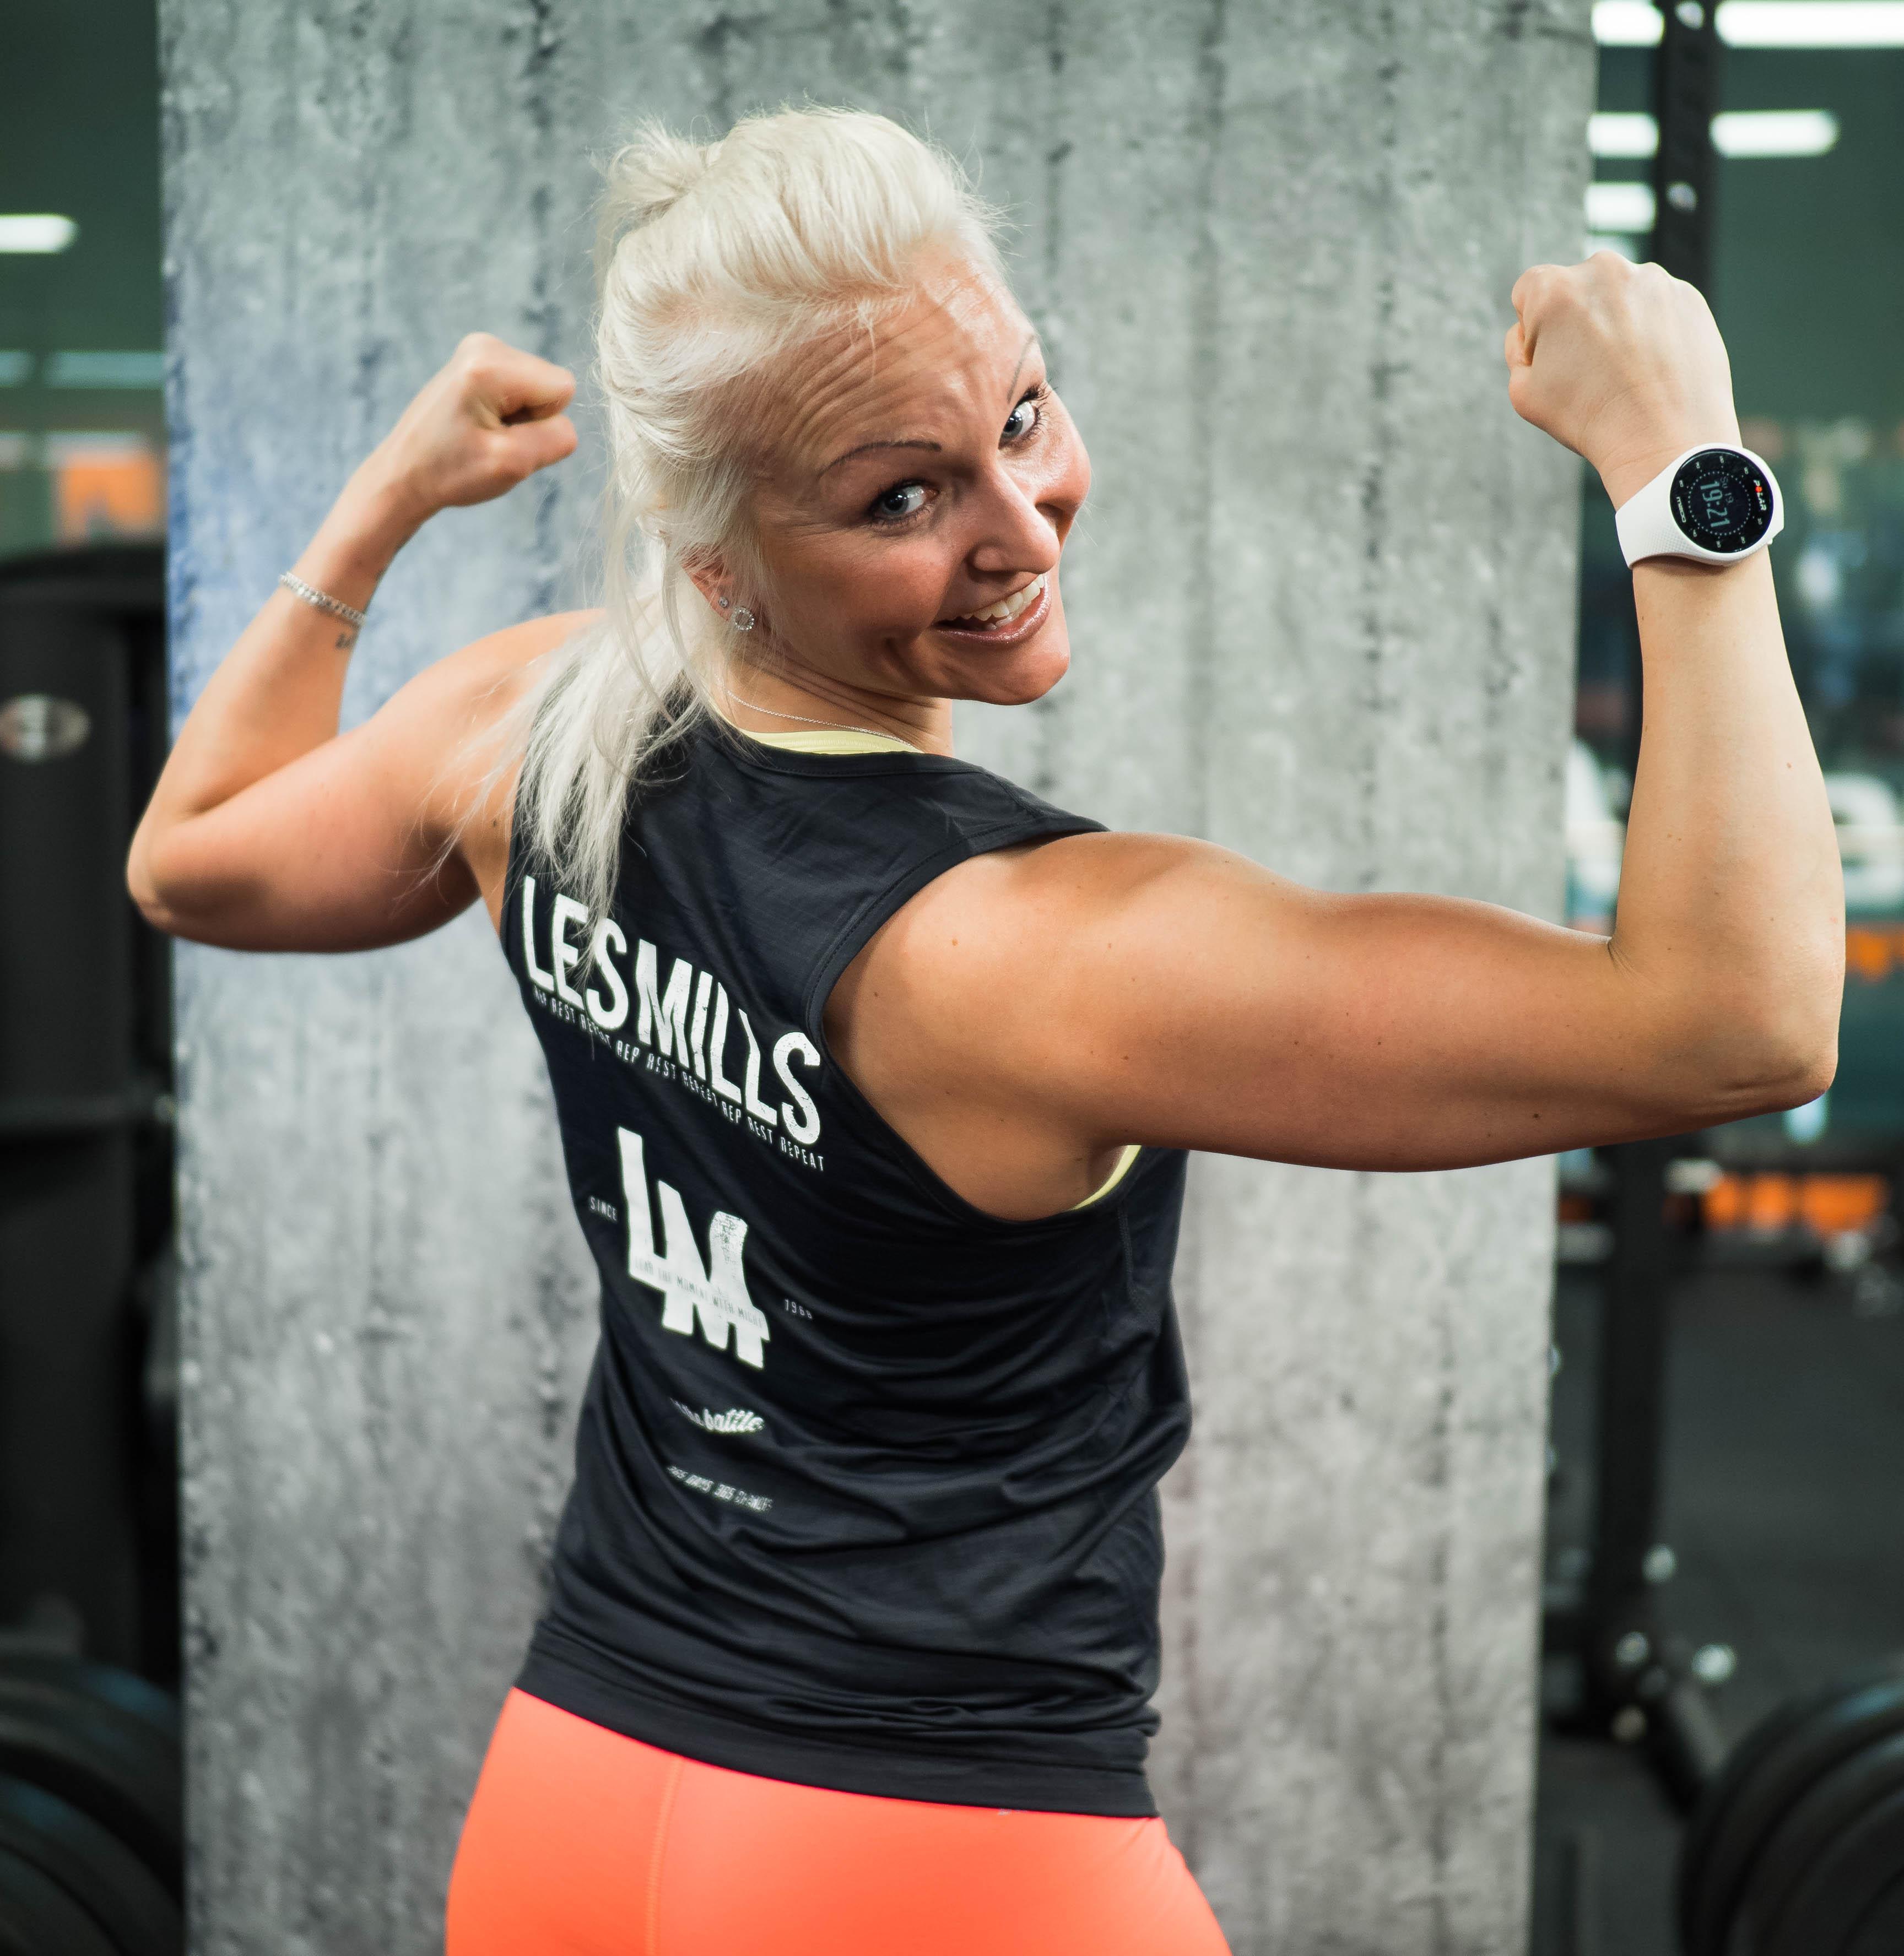 Kesää kohti: toiminnallinen vatsatreeni ja Jukan valmennus!